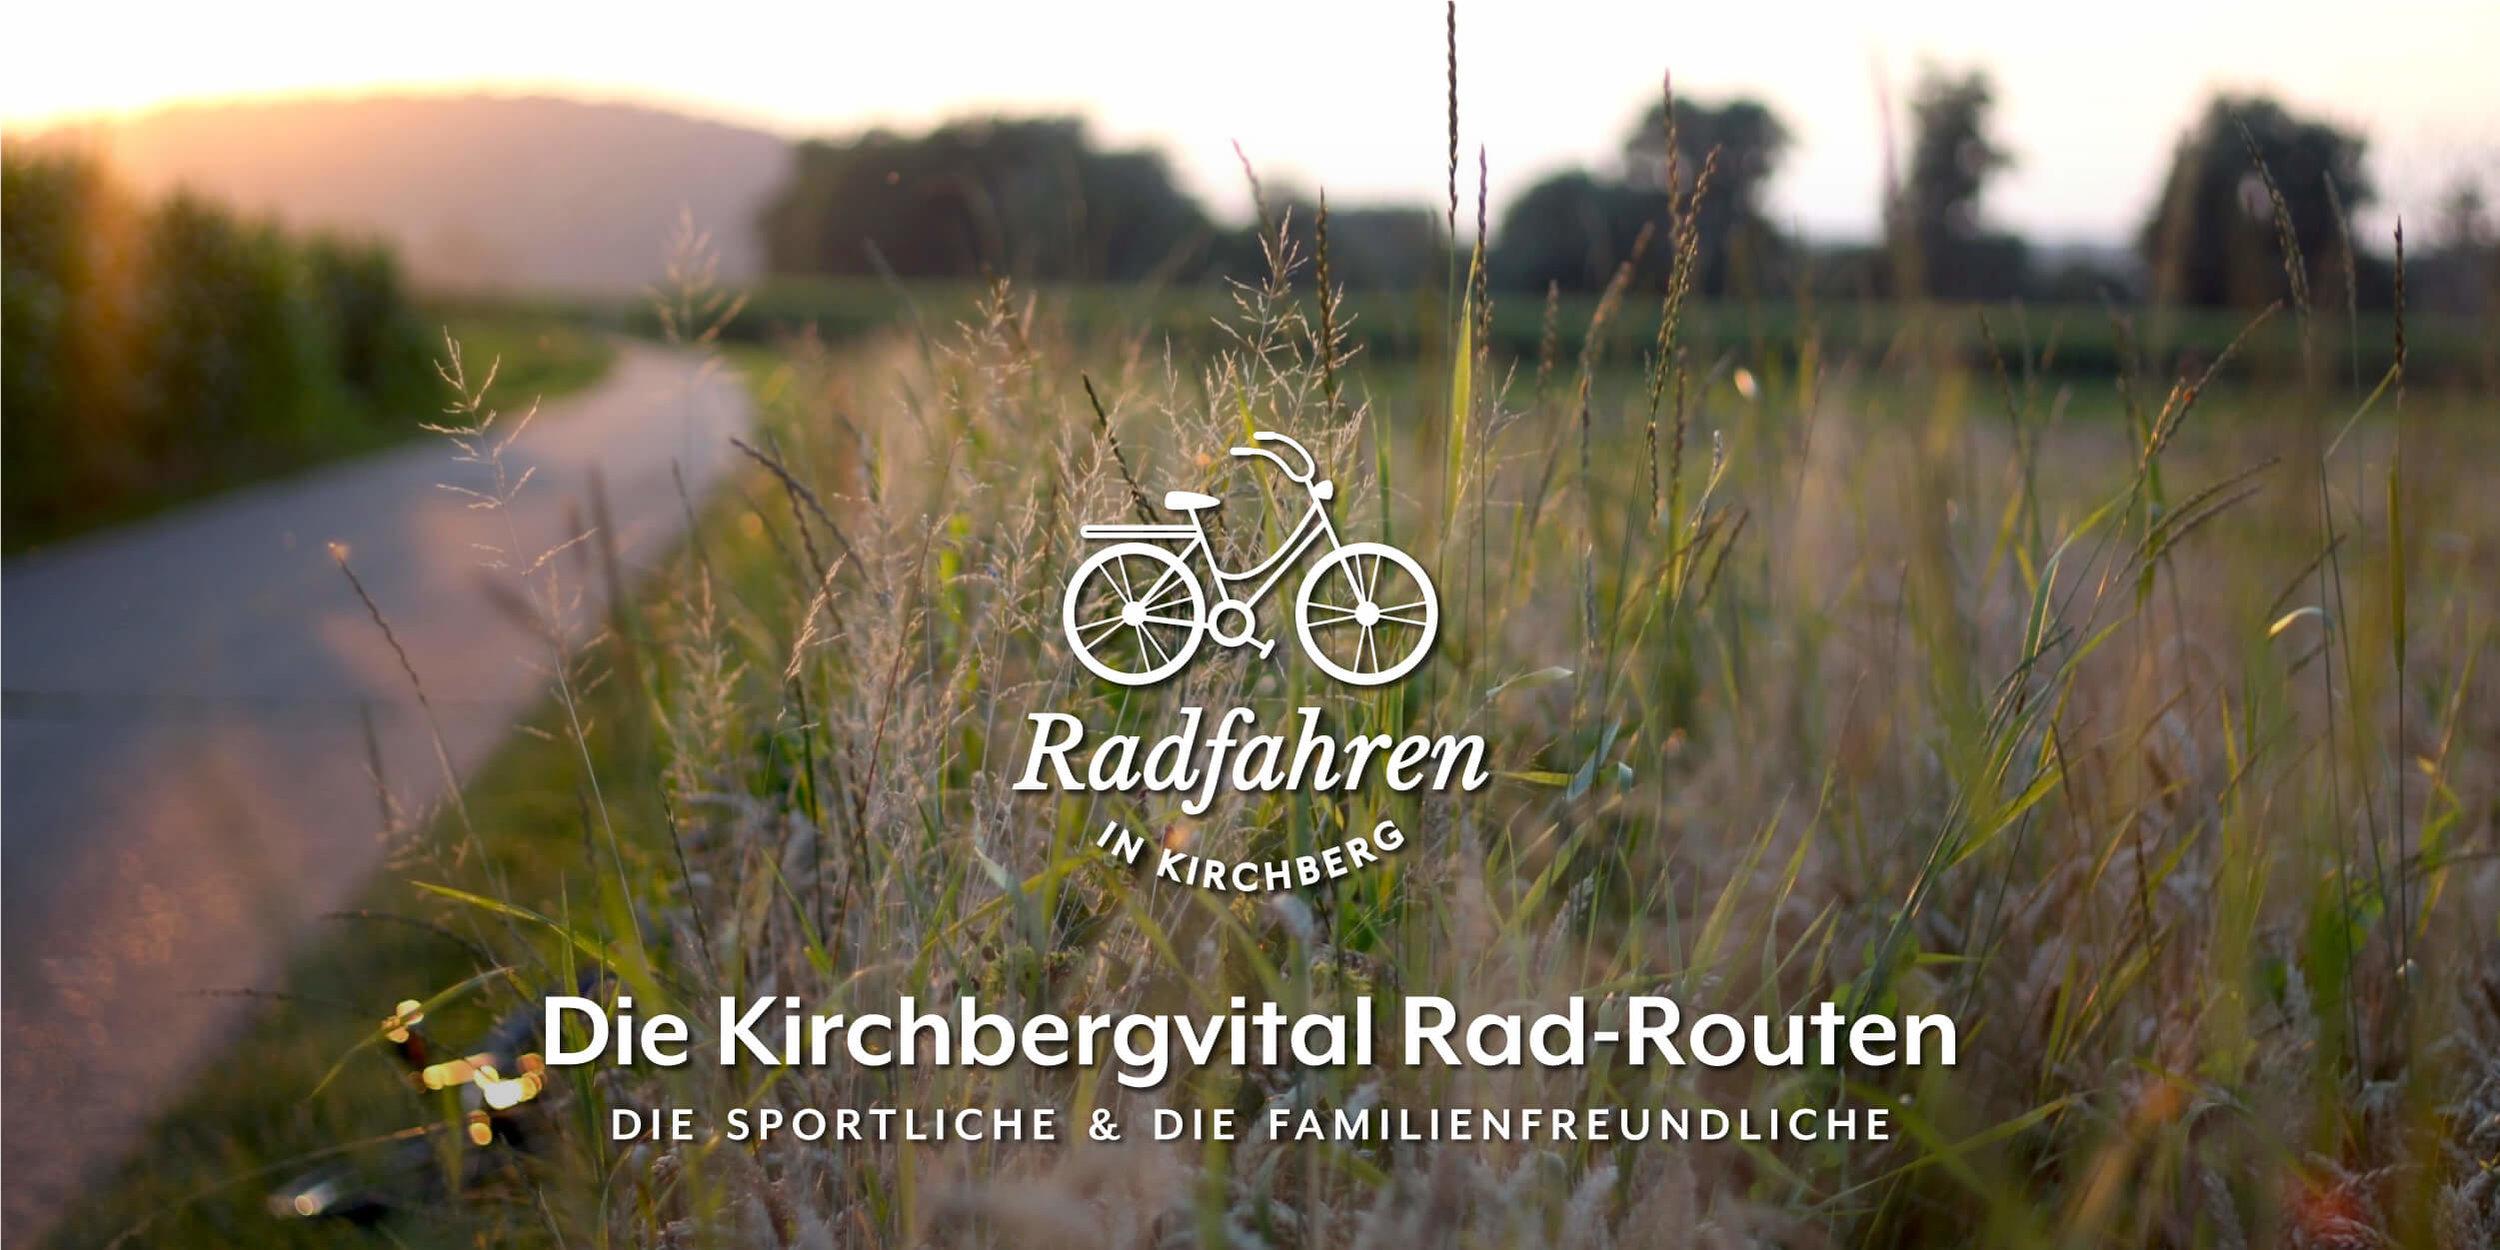 Kirchbergvital-Rad-Routen_Banner-2-1.jpg